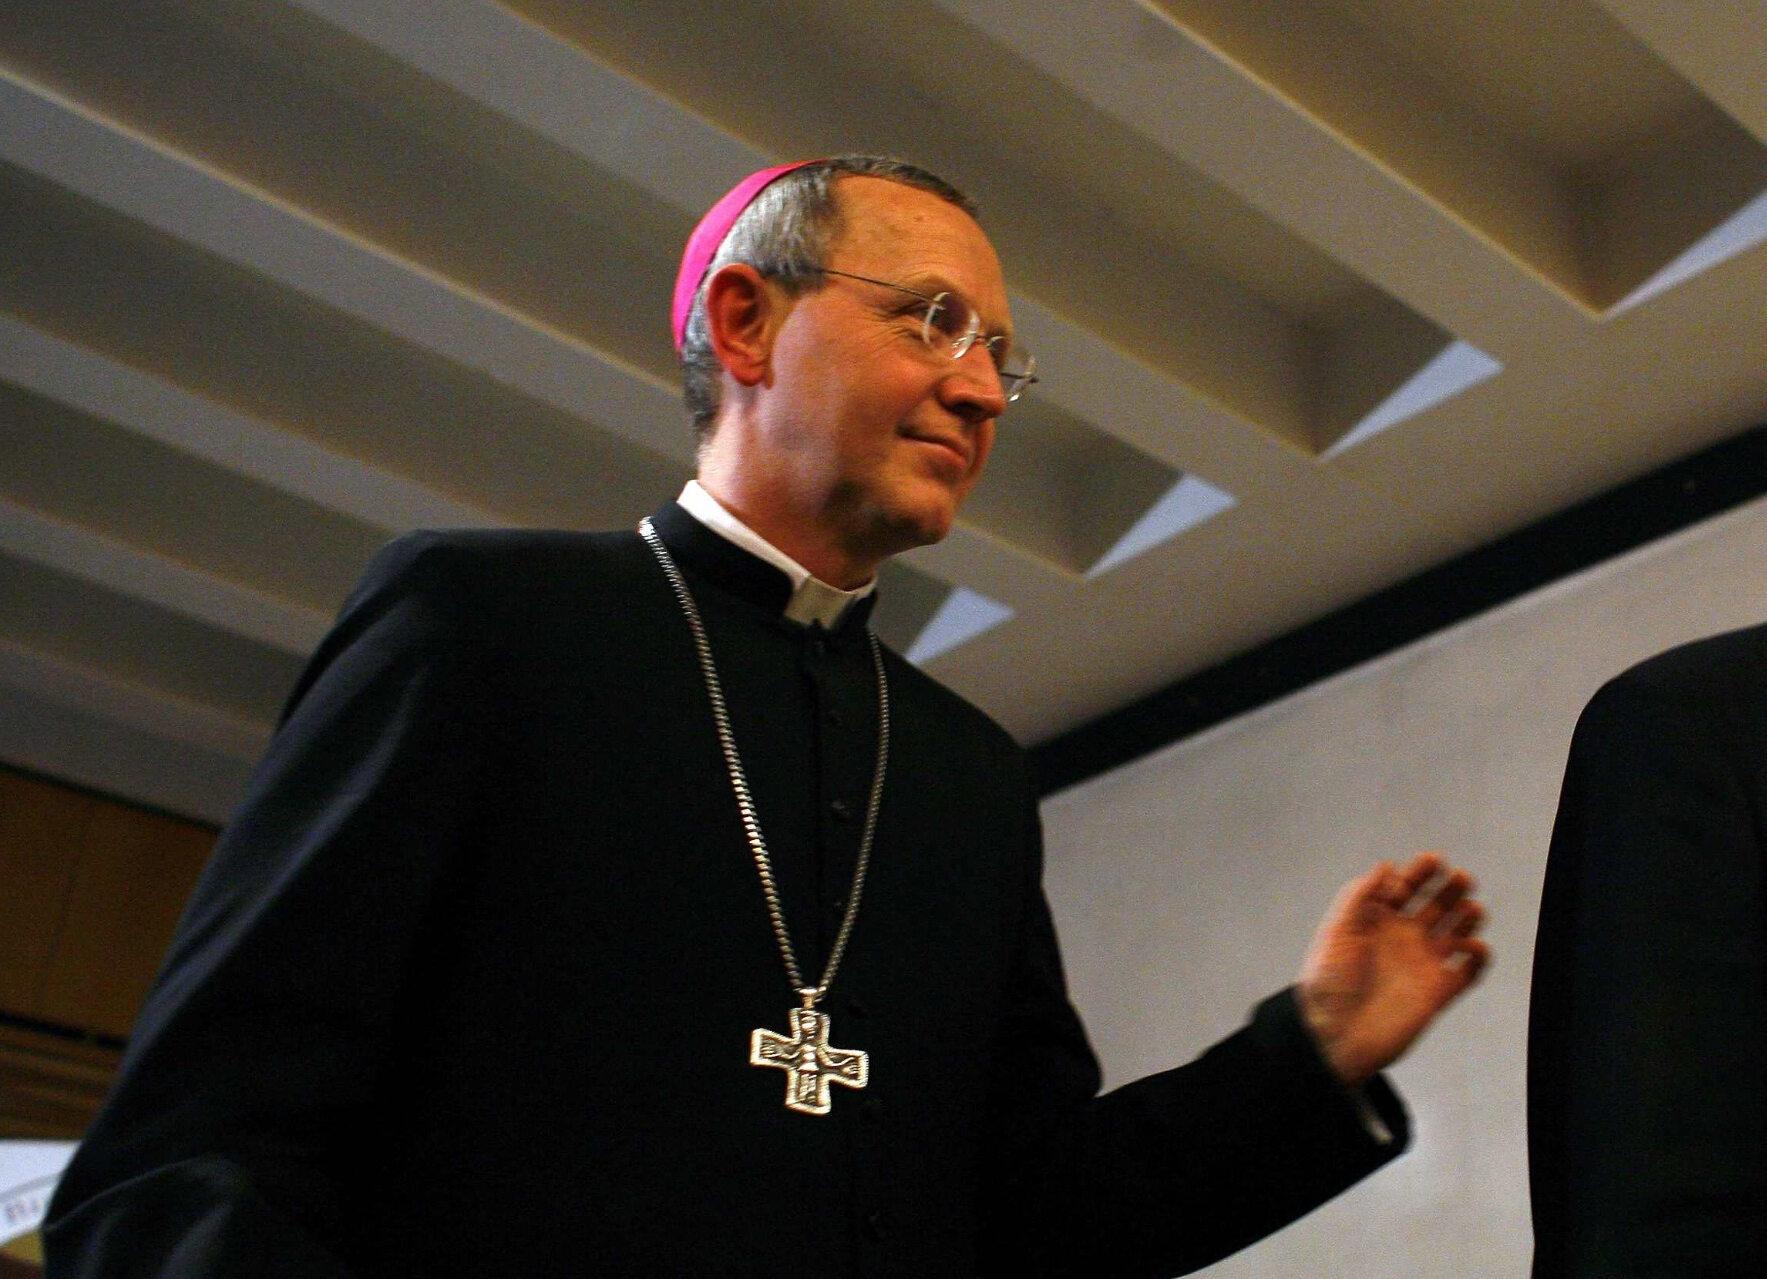 Biskup Piotr Libera